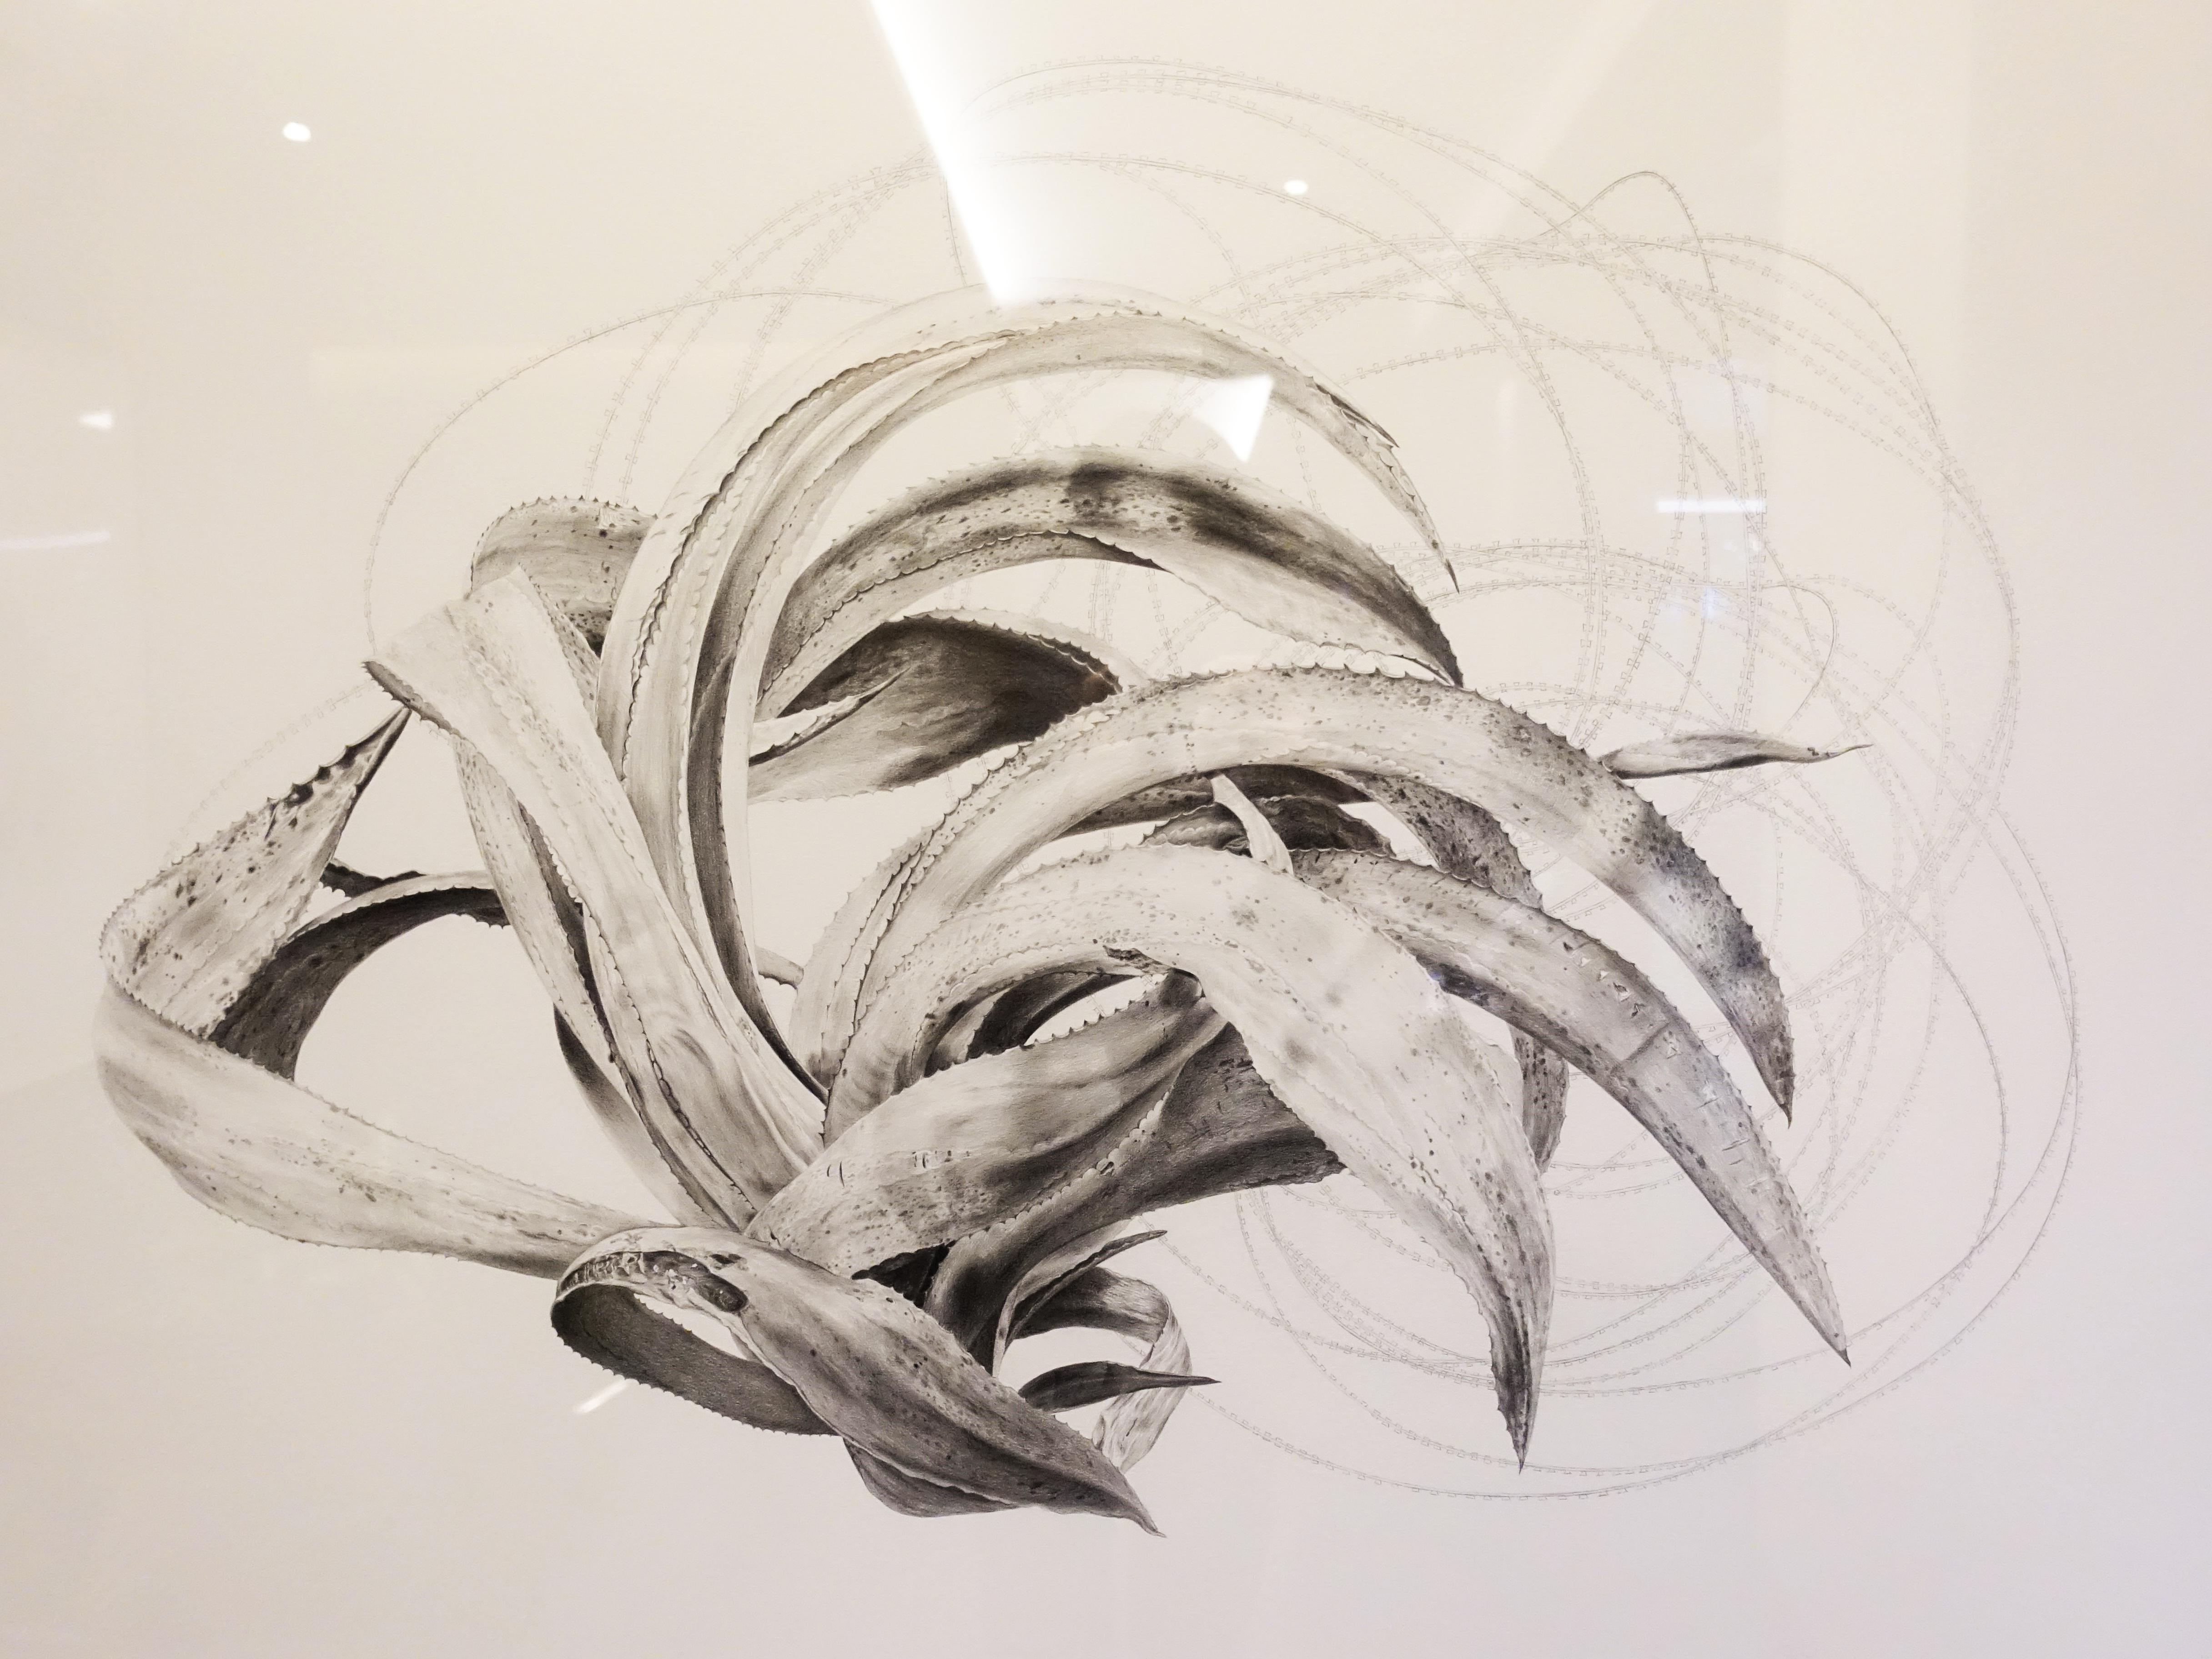 劉芸怡,《一座邊界島嶼的防禦圖鑑VlI》細節,150 X 100 cm,鉛筆、紙,2019。